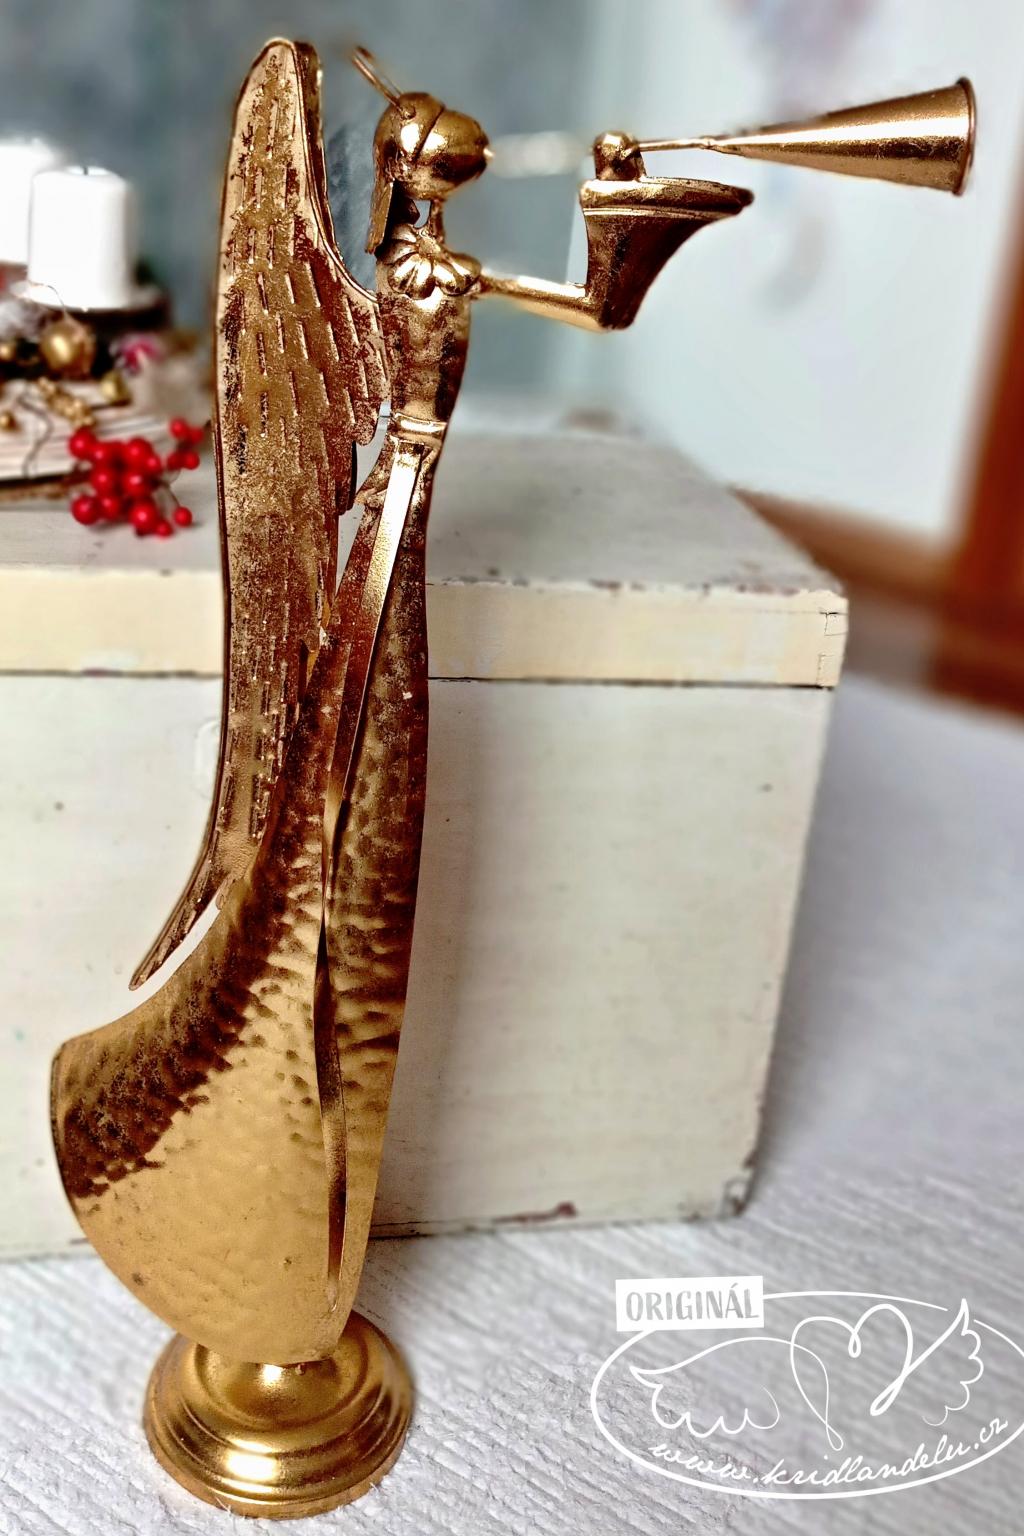 Anděl kovový - Zlatý andělský zvěrozvěst 72cm